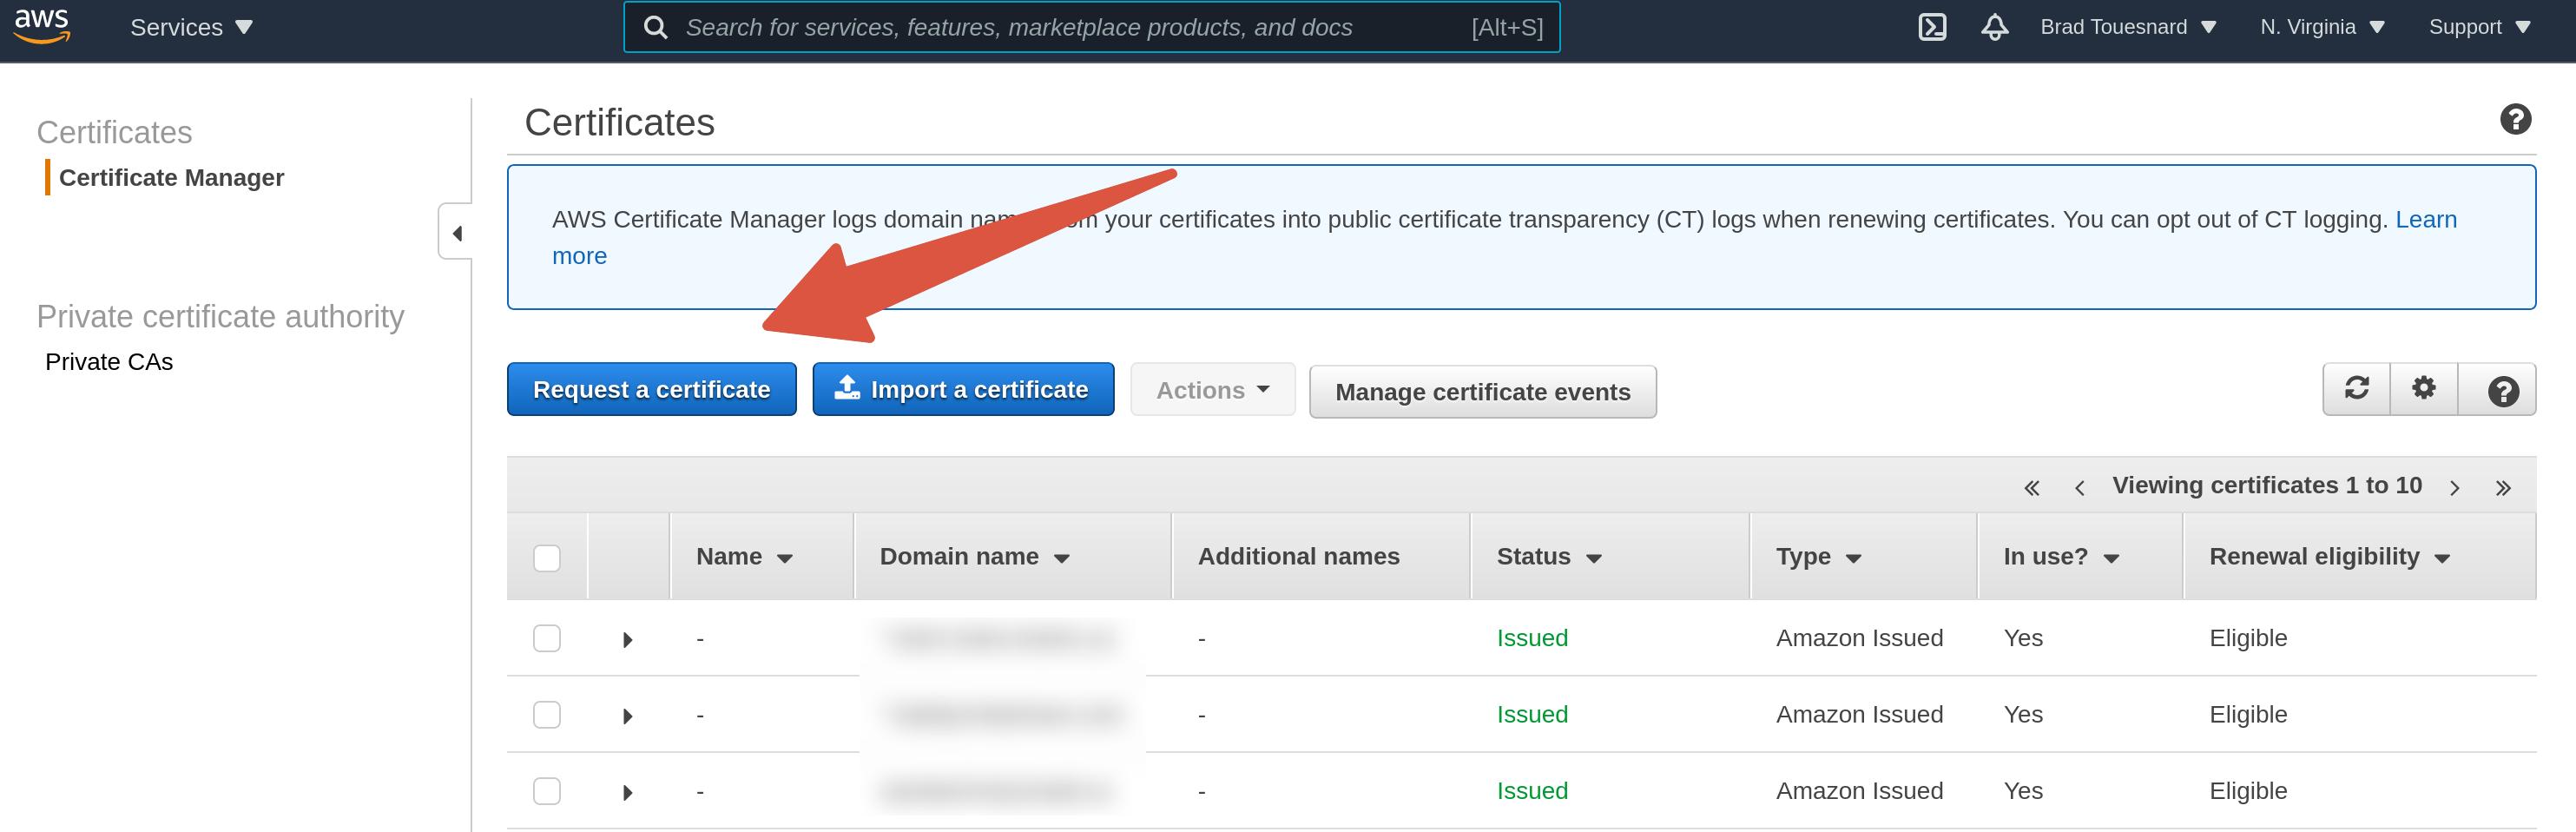 Request a new certificate